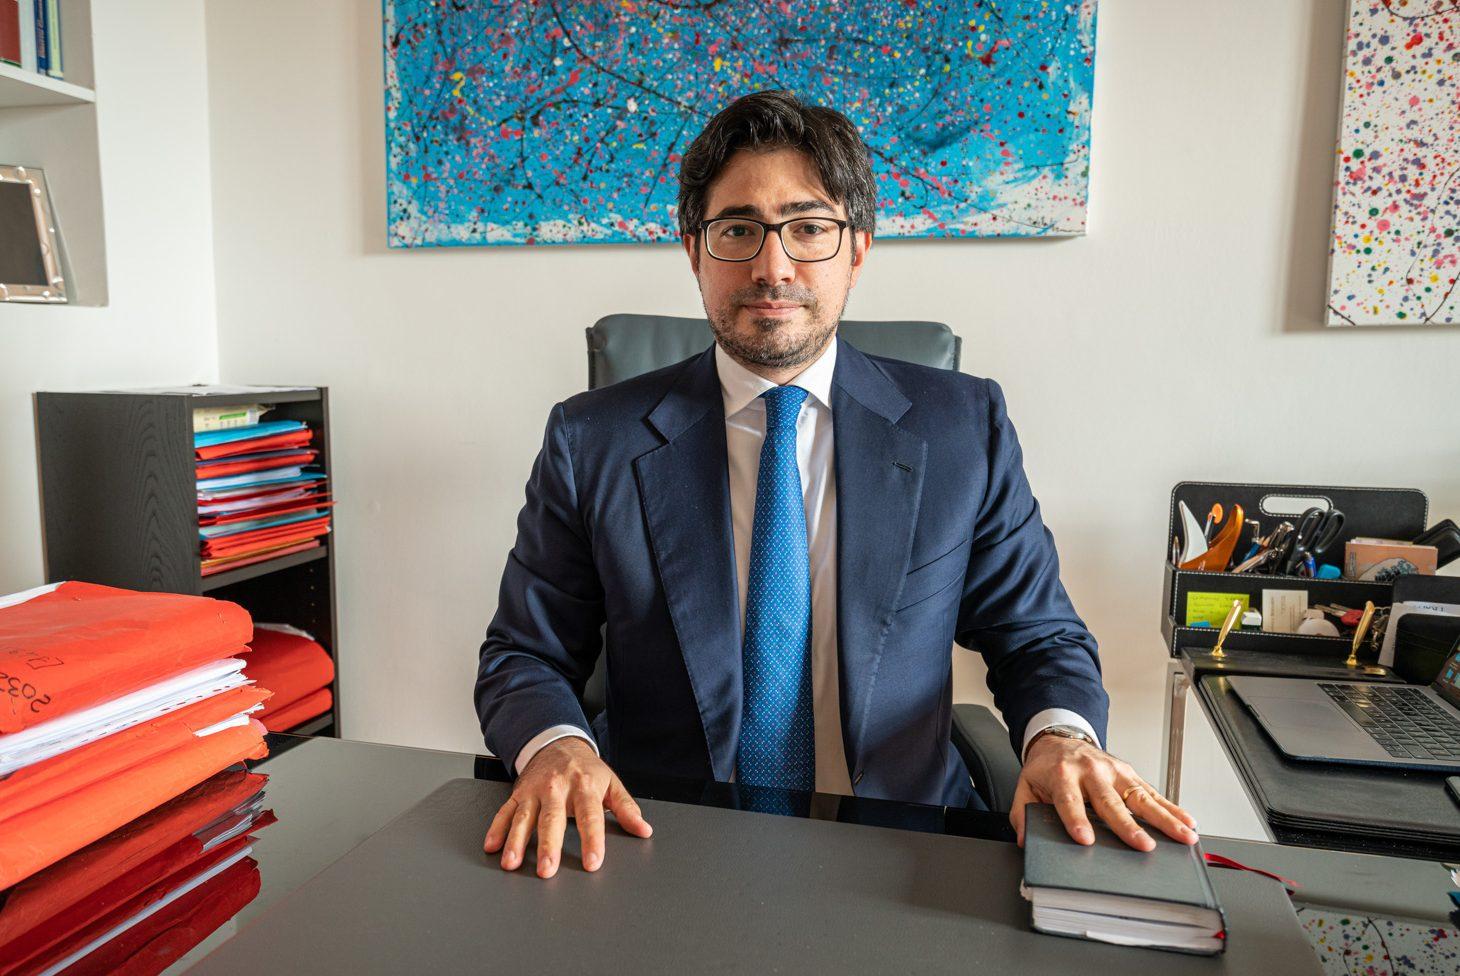 marco mancini avvocato studio legale imi viale carso roma